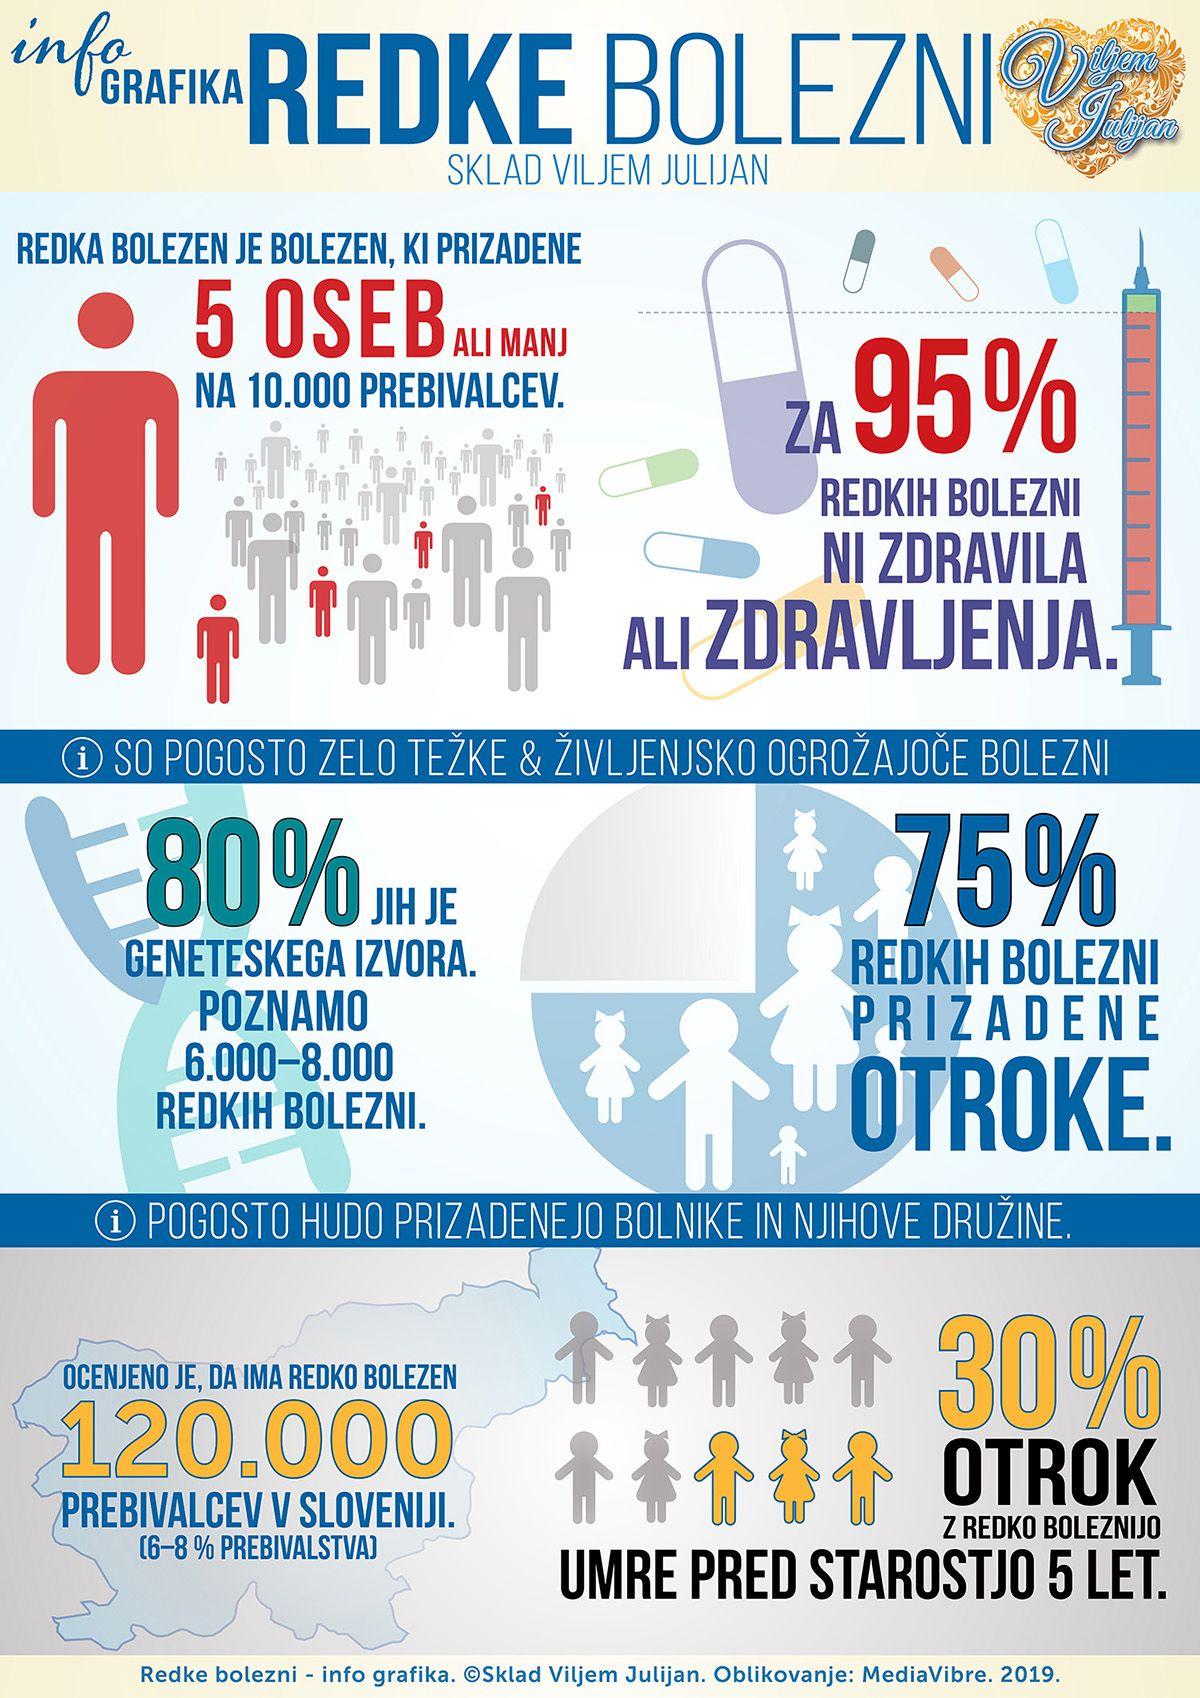 redke bolezni info grafika sklad viljem julijan